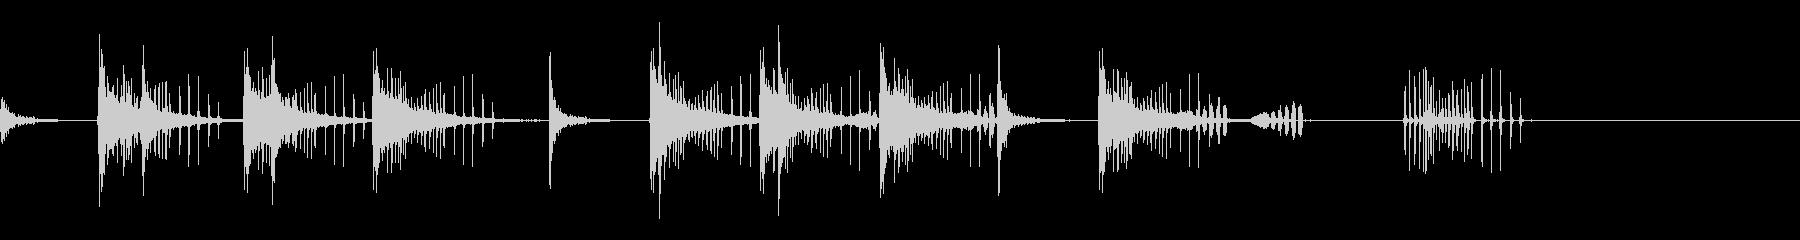 とんとん(派手な建設中の音)B17の未再生の波形